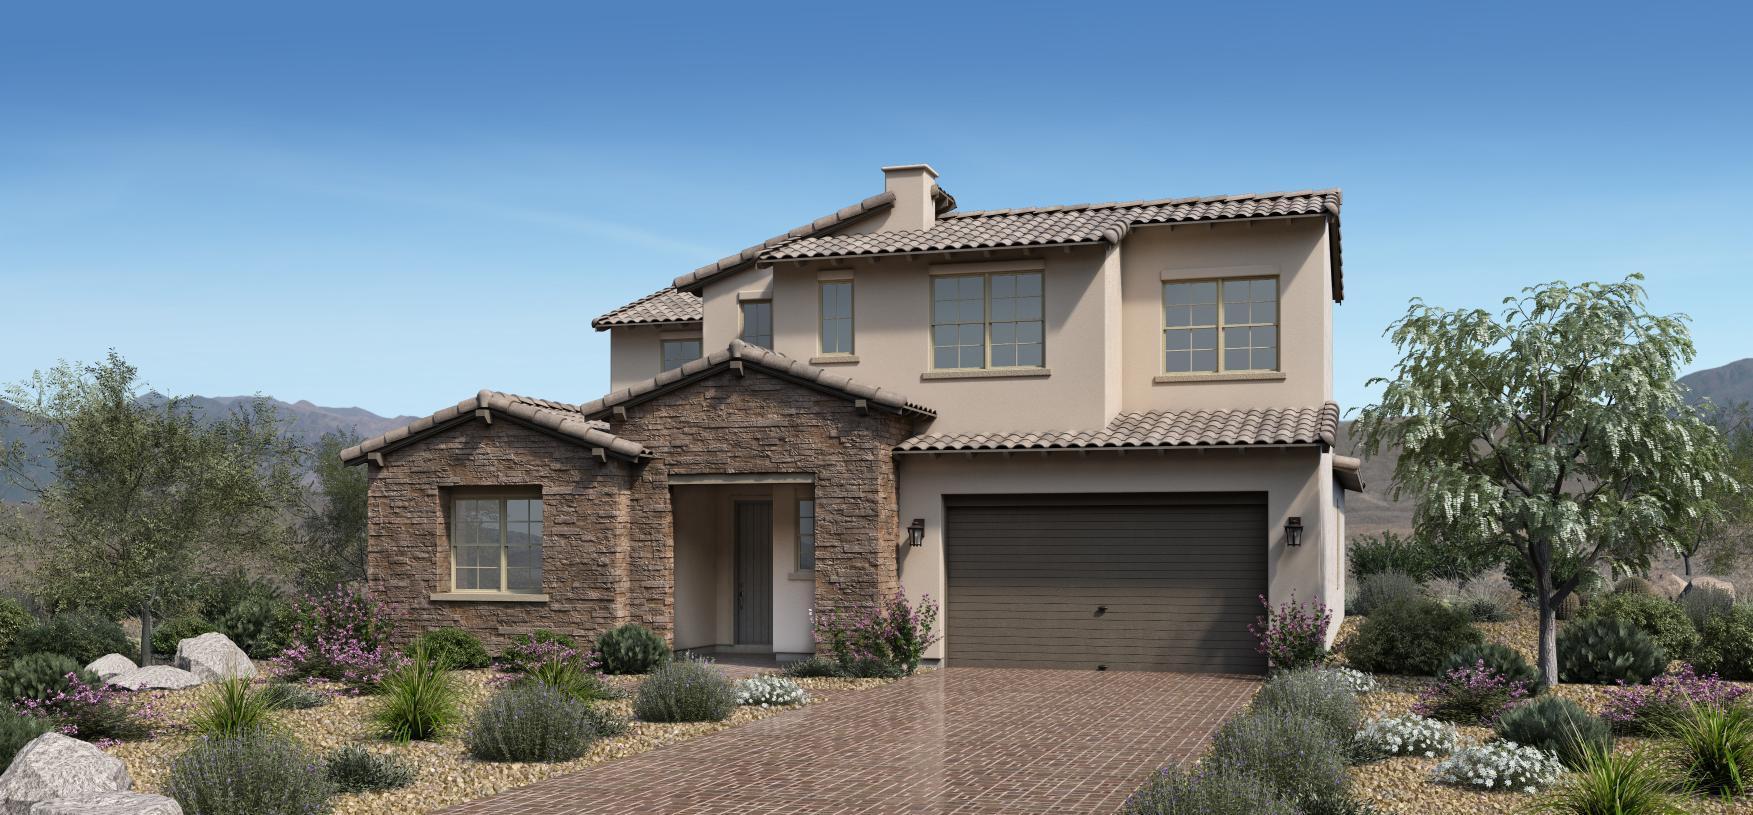 Elevation Image:The Ranch Hacienda